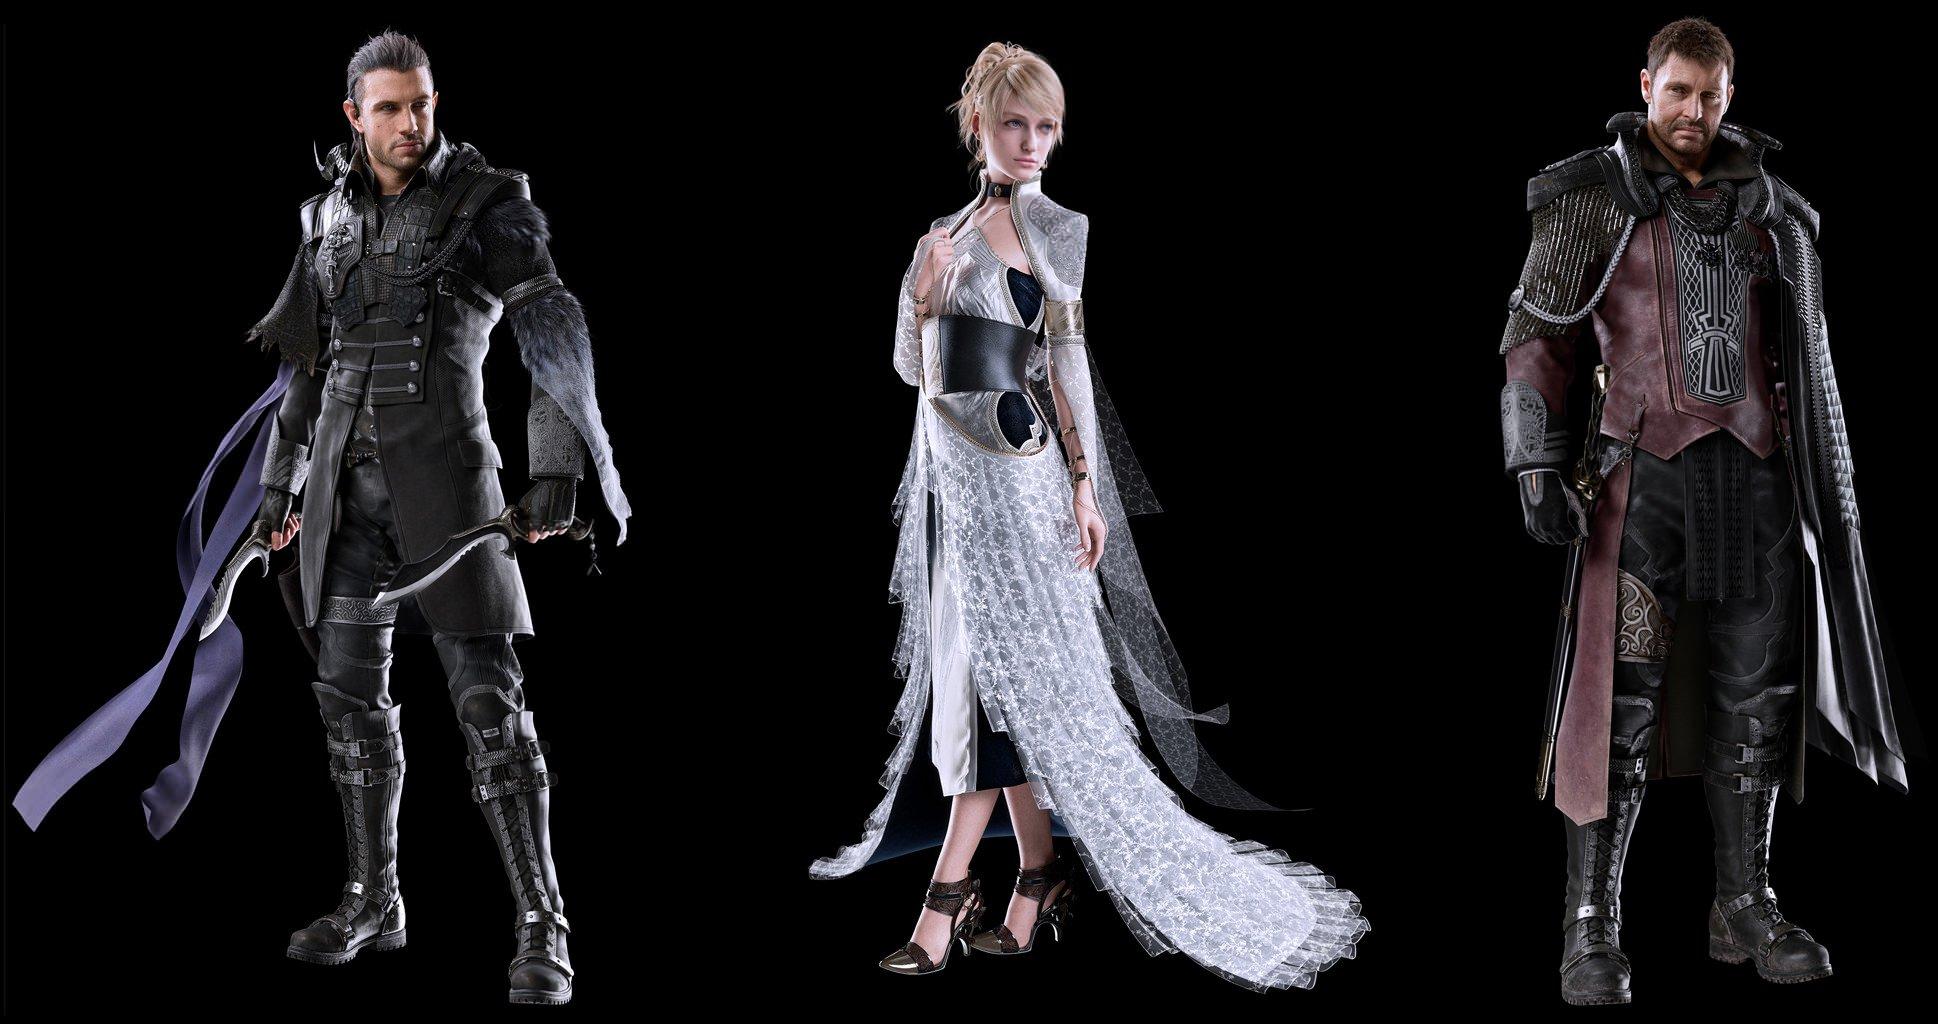 Kingsglaive: Final Fantasy XV Cast Detailed 1